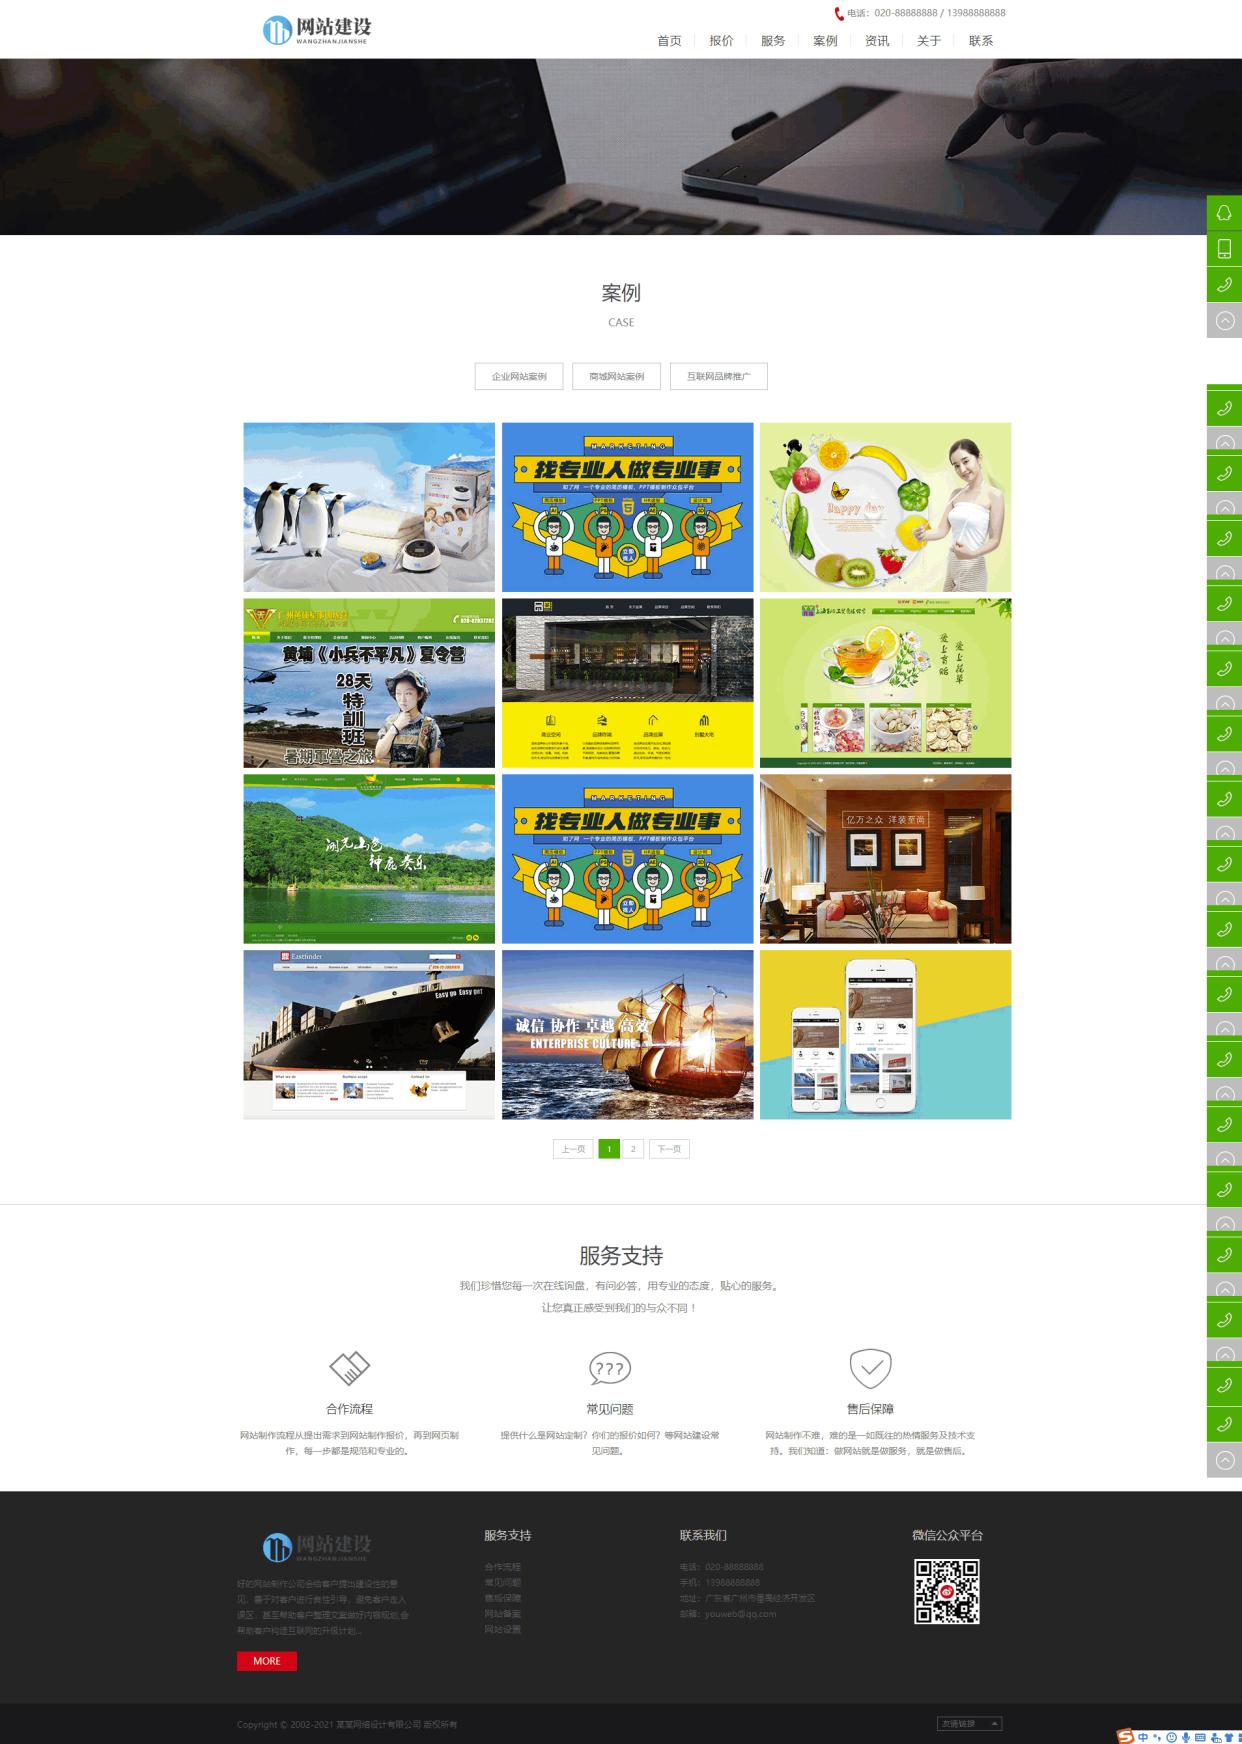 基于ThinkPHP5框架开发的响应式H5可视化网站网络设计公司网站PHP源码 PHP框架 第4张